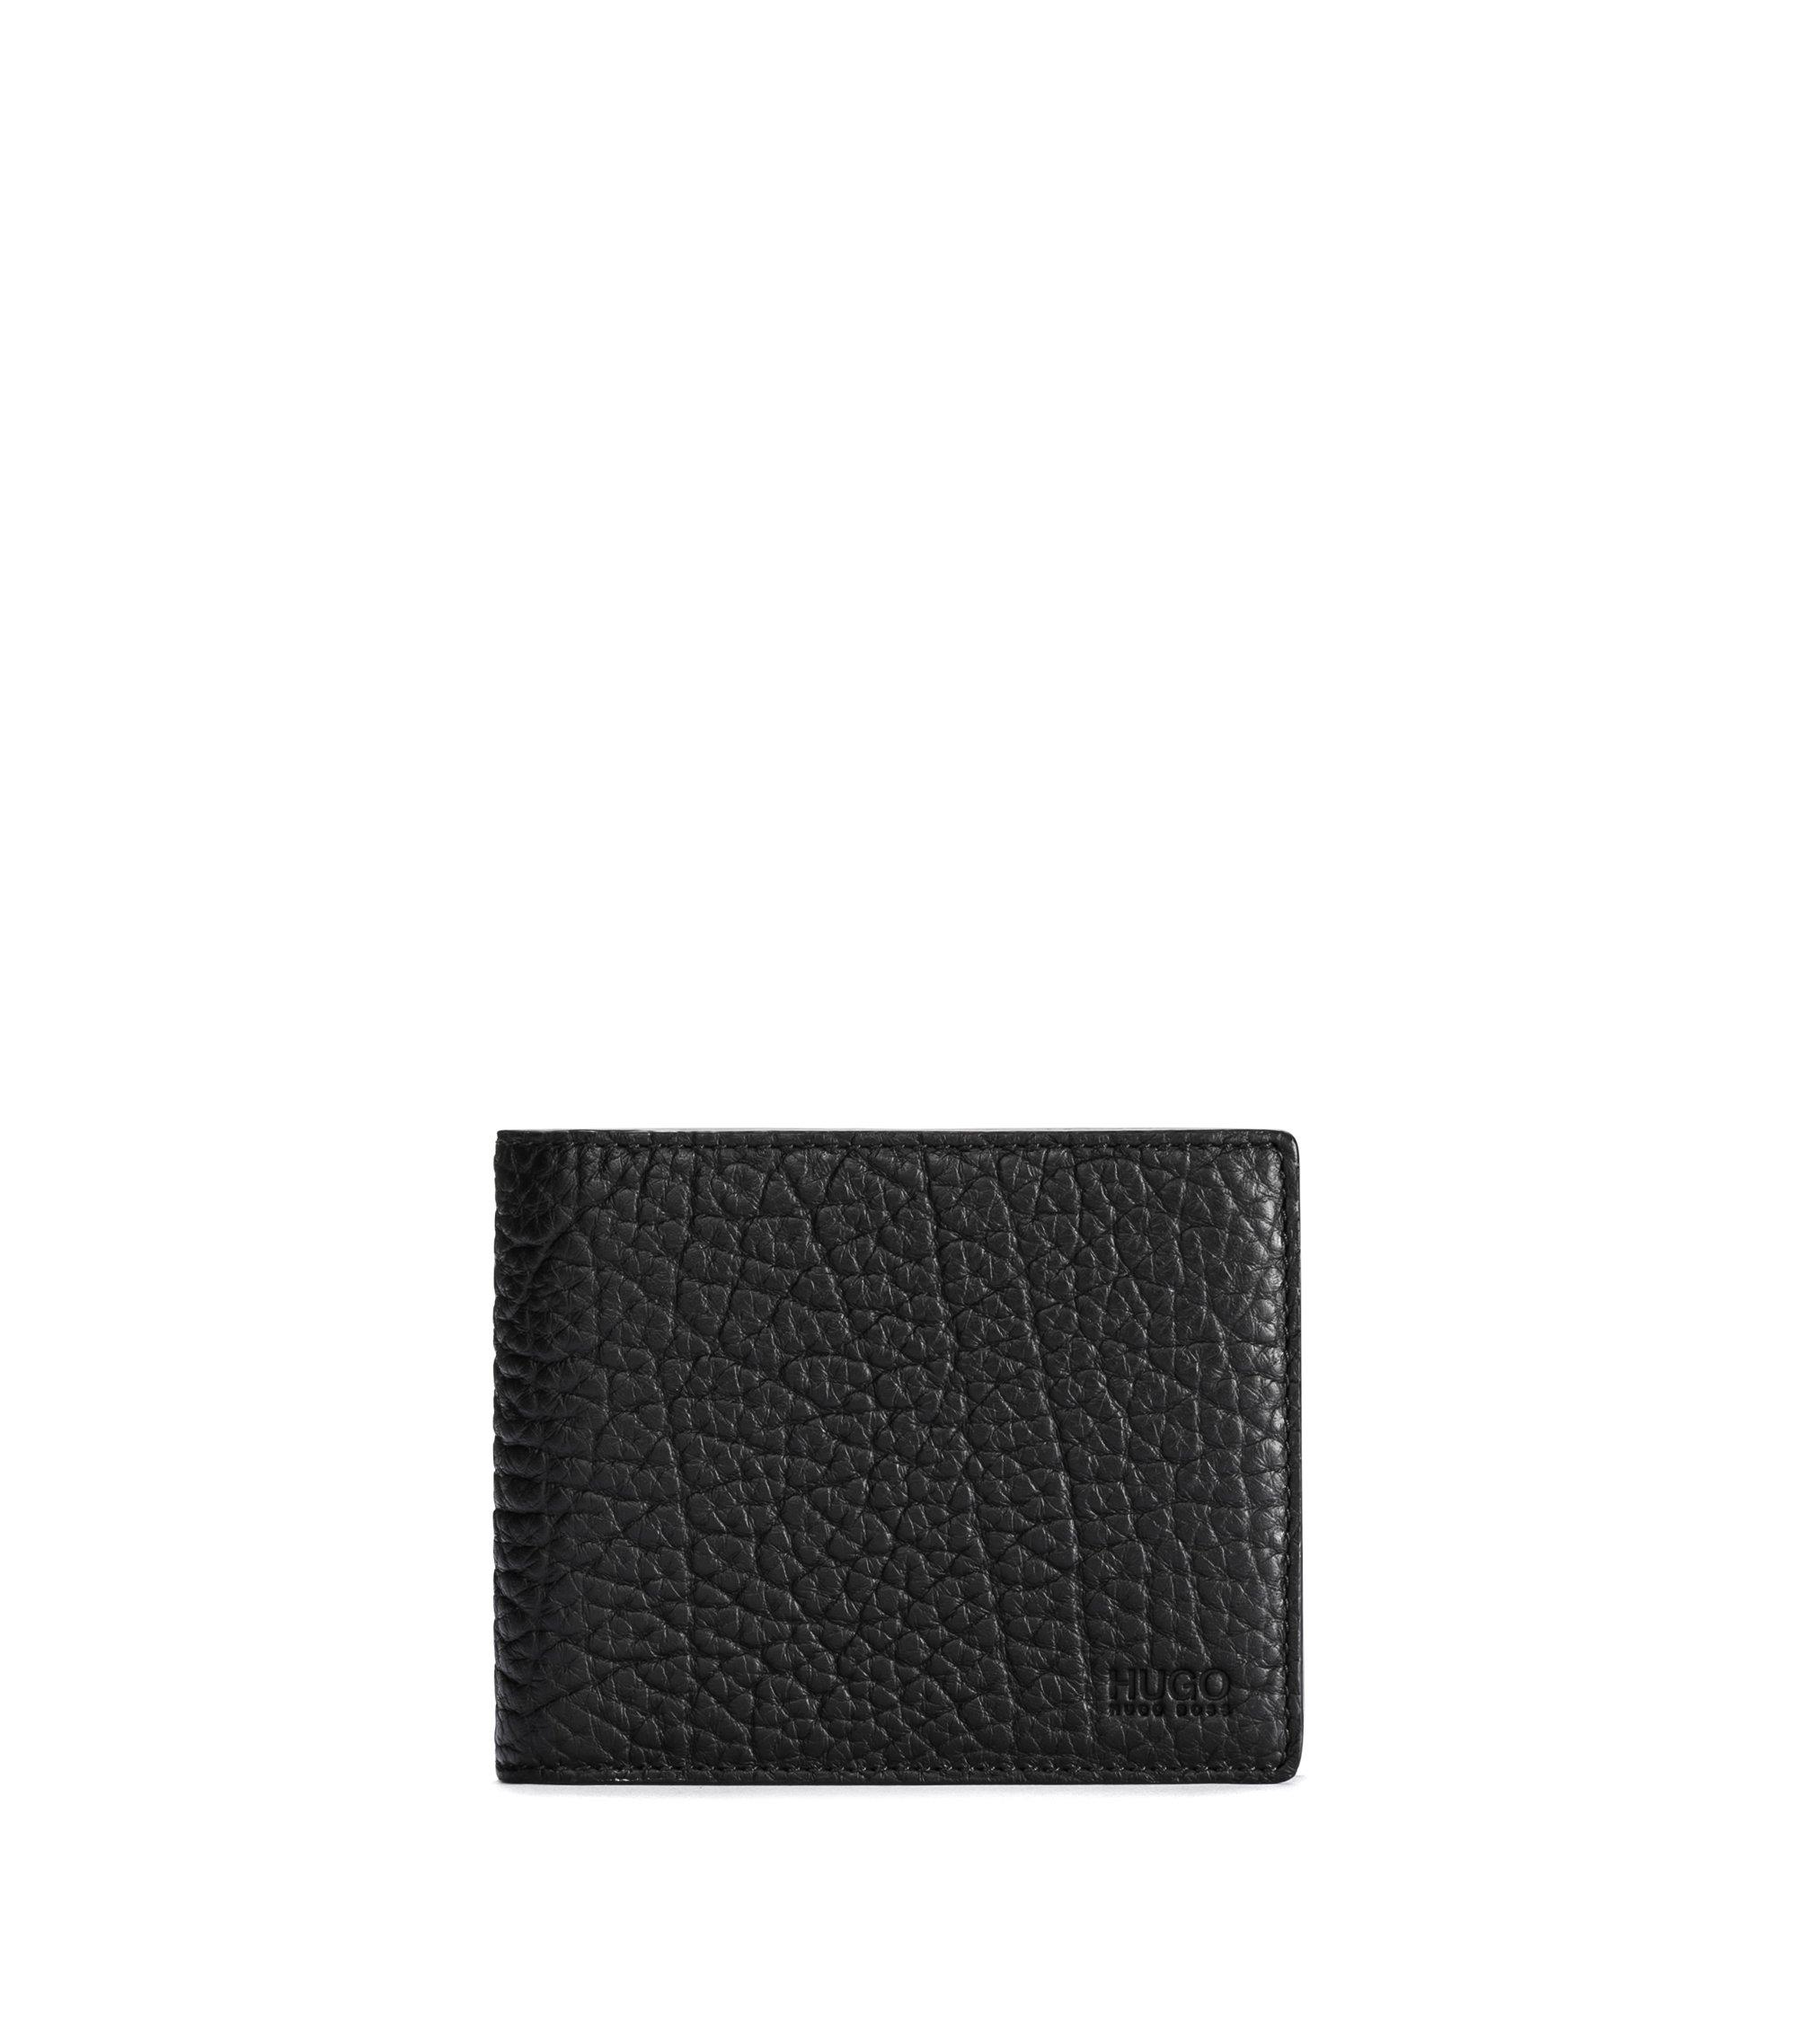 Uitklapbare portemonnee van generfd rundleer, Zwart